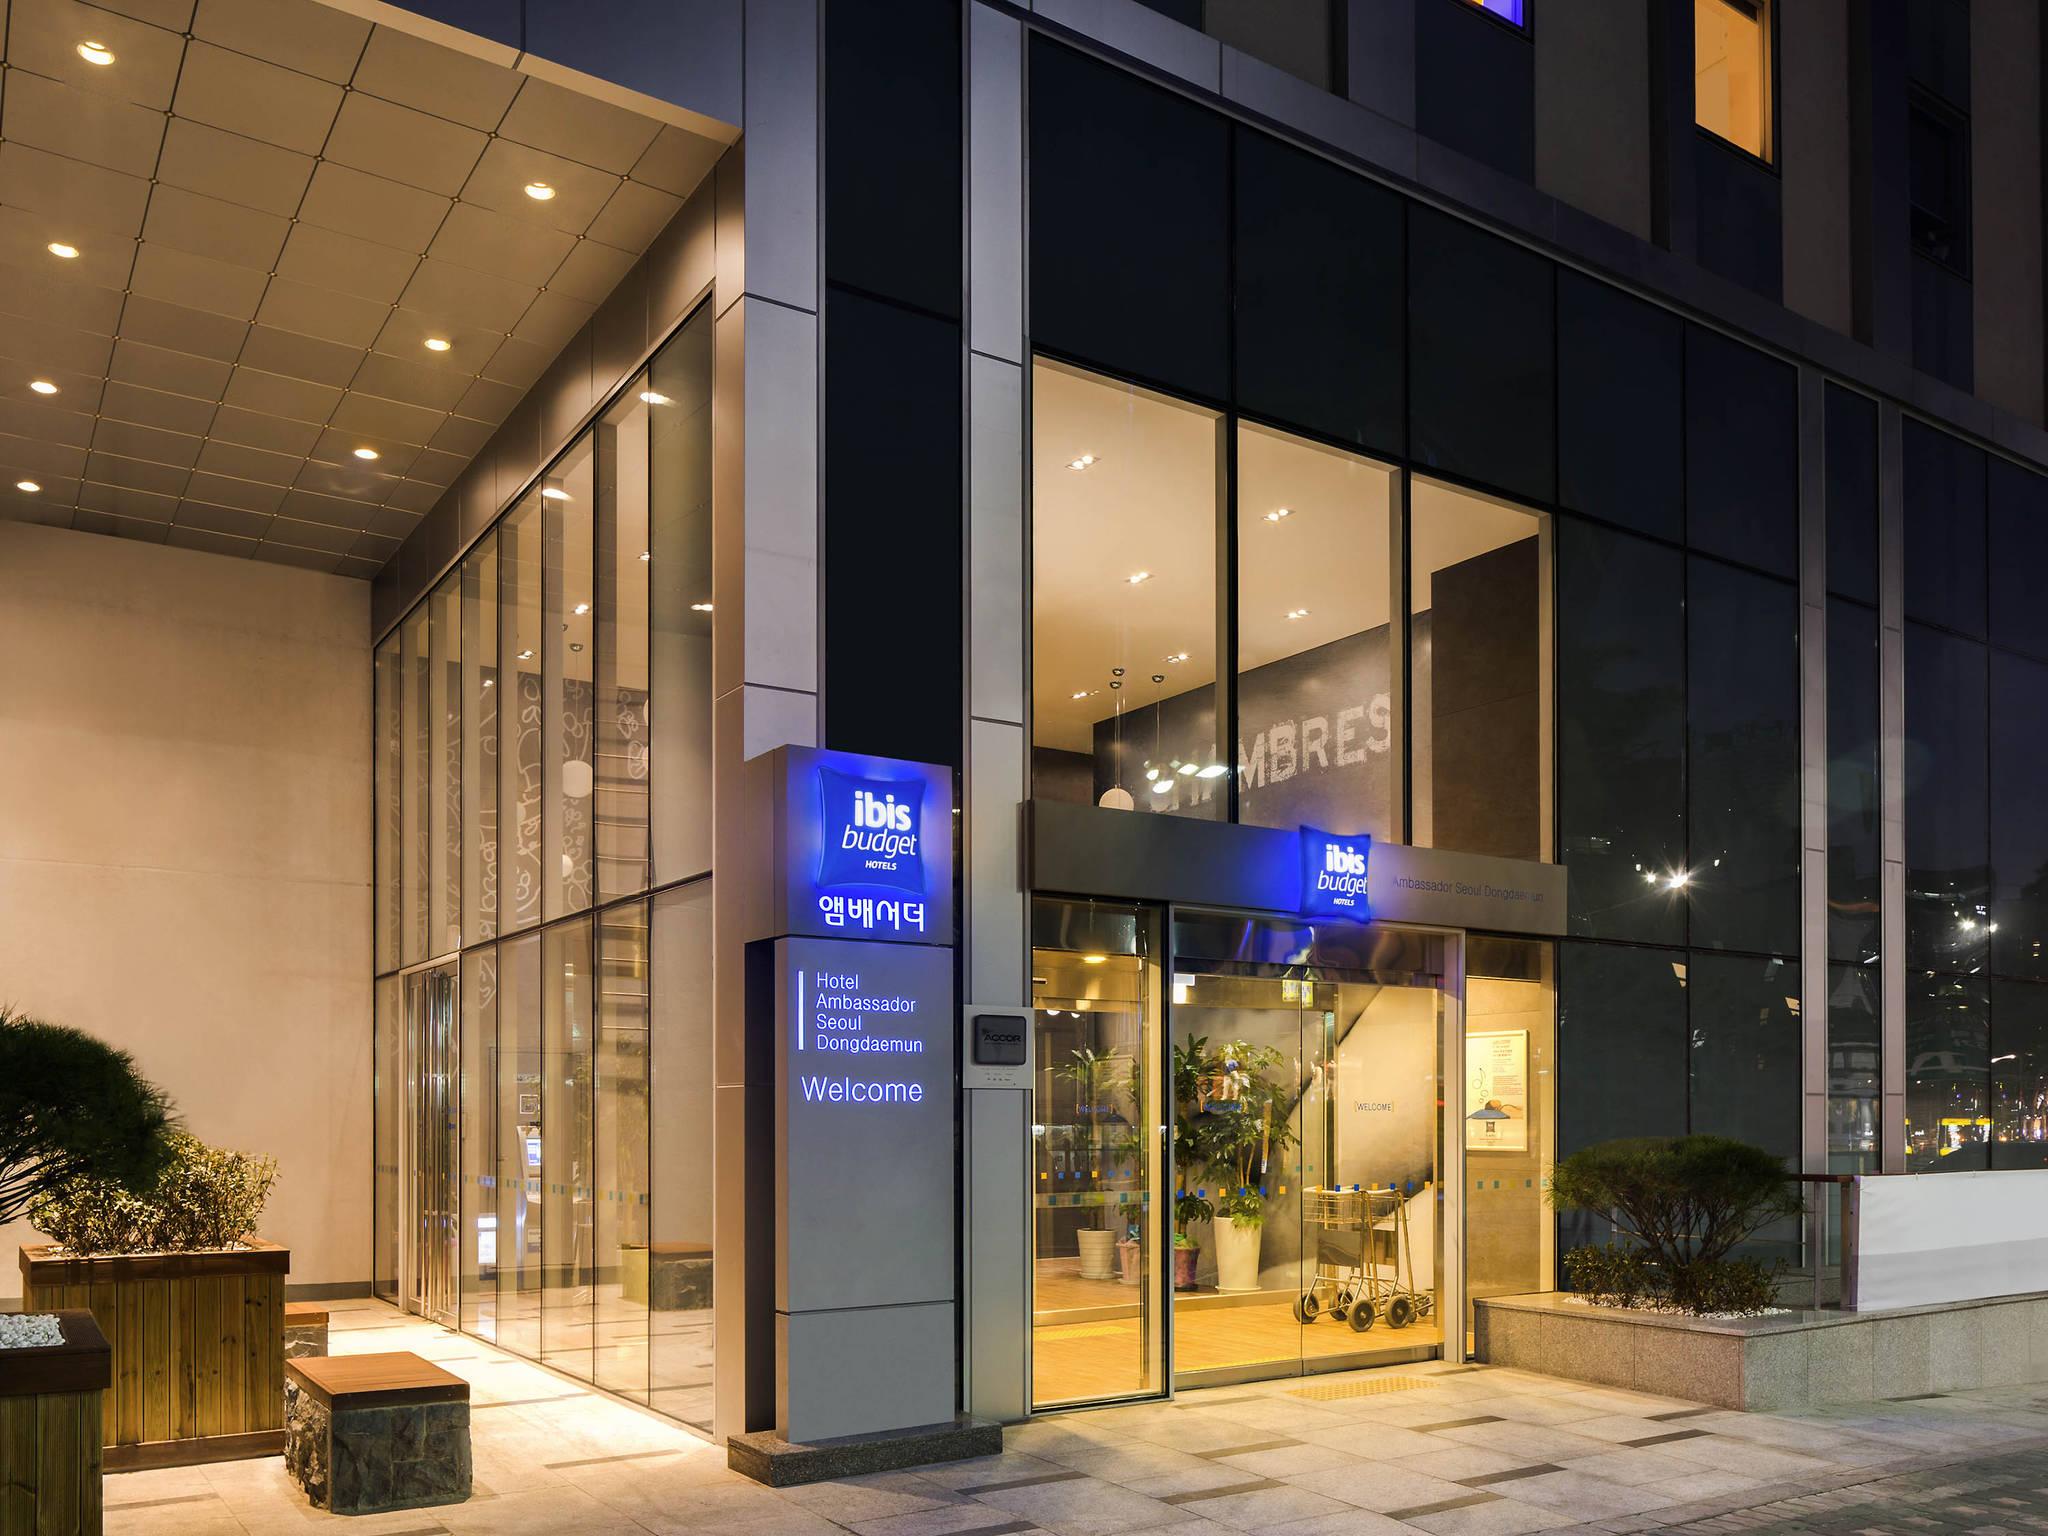 โรงแรม – ไอบิส บัดเจ็ท แอมบาสเดอร์ โซล ทงแดมุน